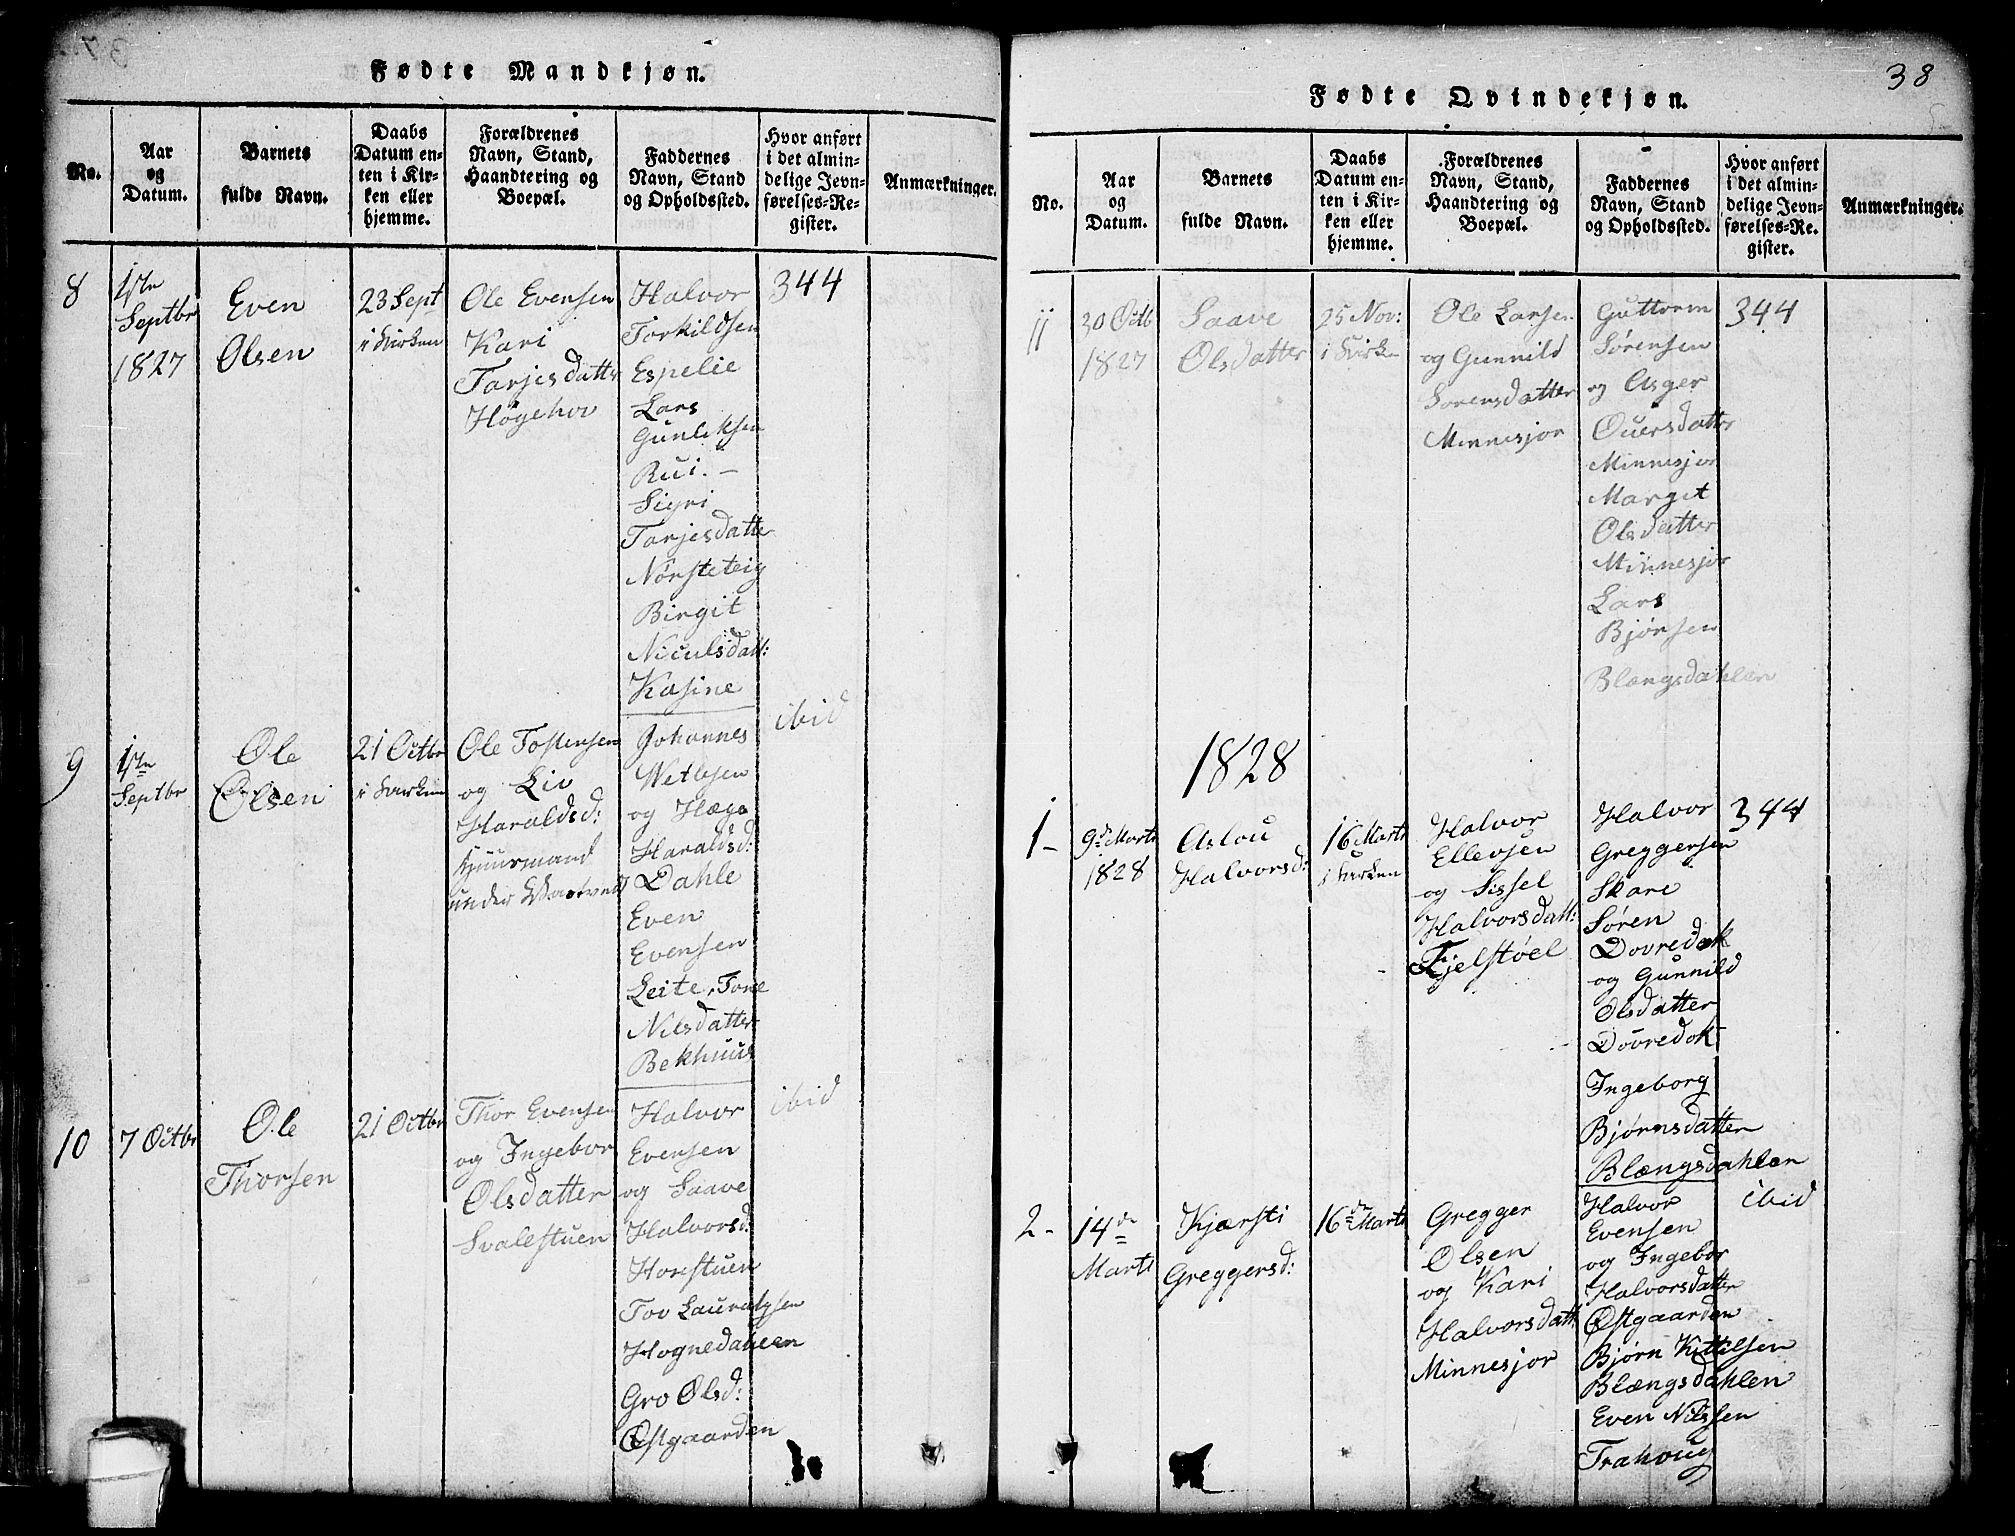 SAKO, Seljord kirkebøker, G/Gb/L0002: Klokkerbok nr. II 2, 1815-1854, s. 38